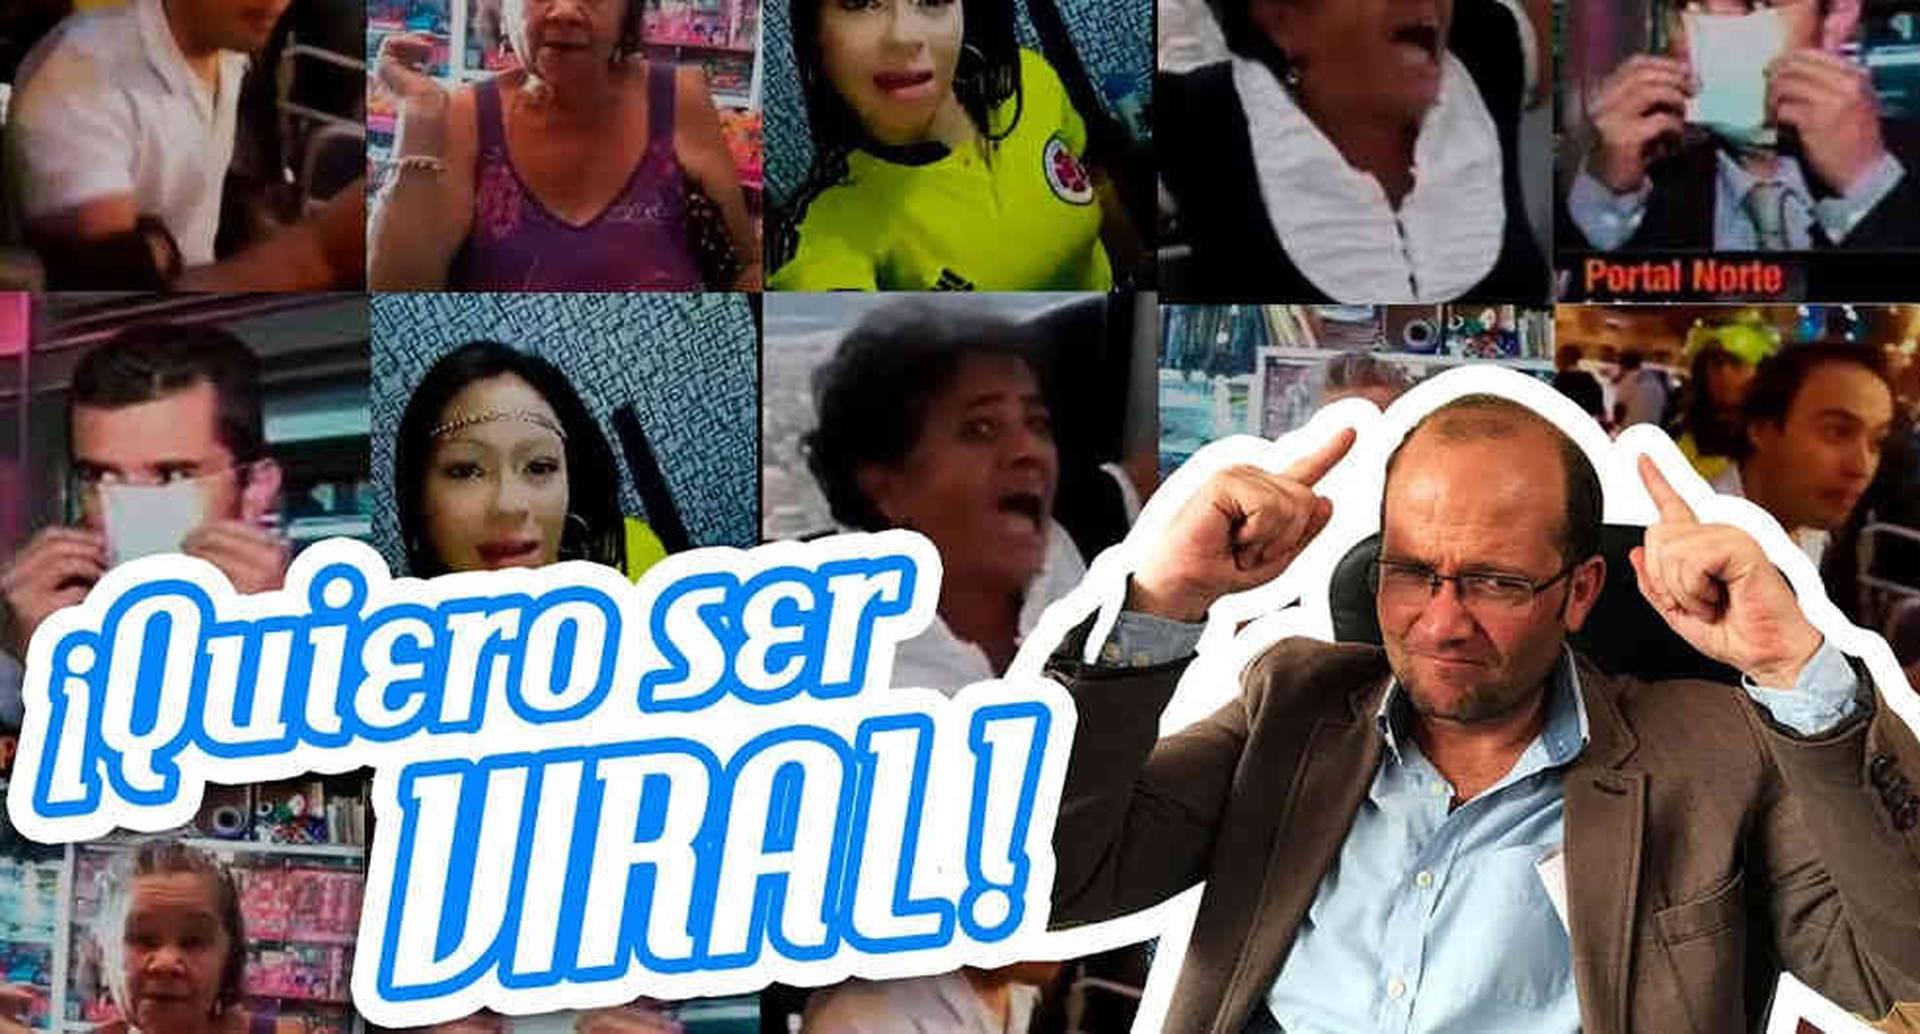 El periodista invitó a su canal de youtube a los protagonistas de los videos más virales de Colombia.